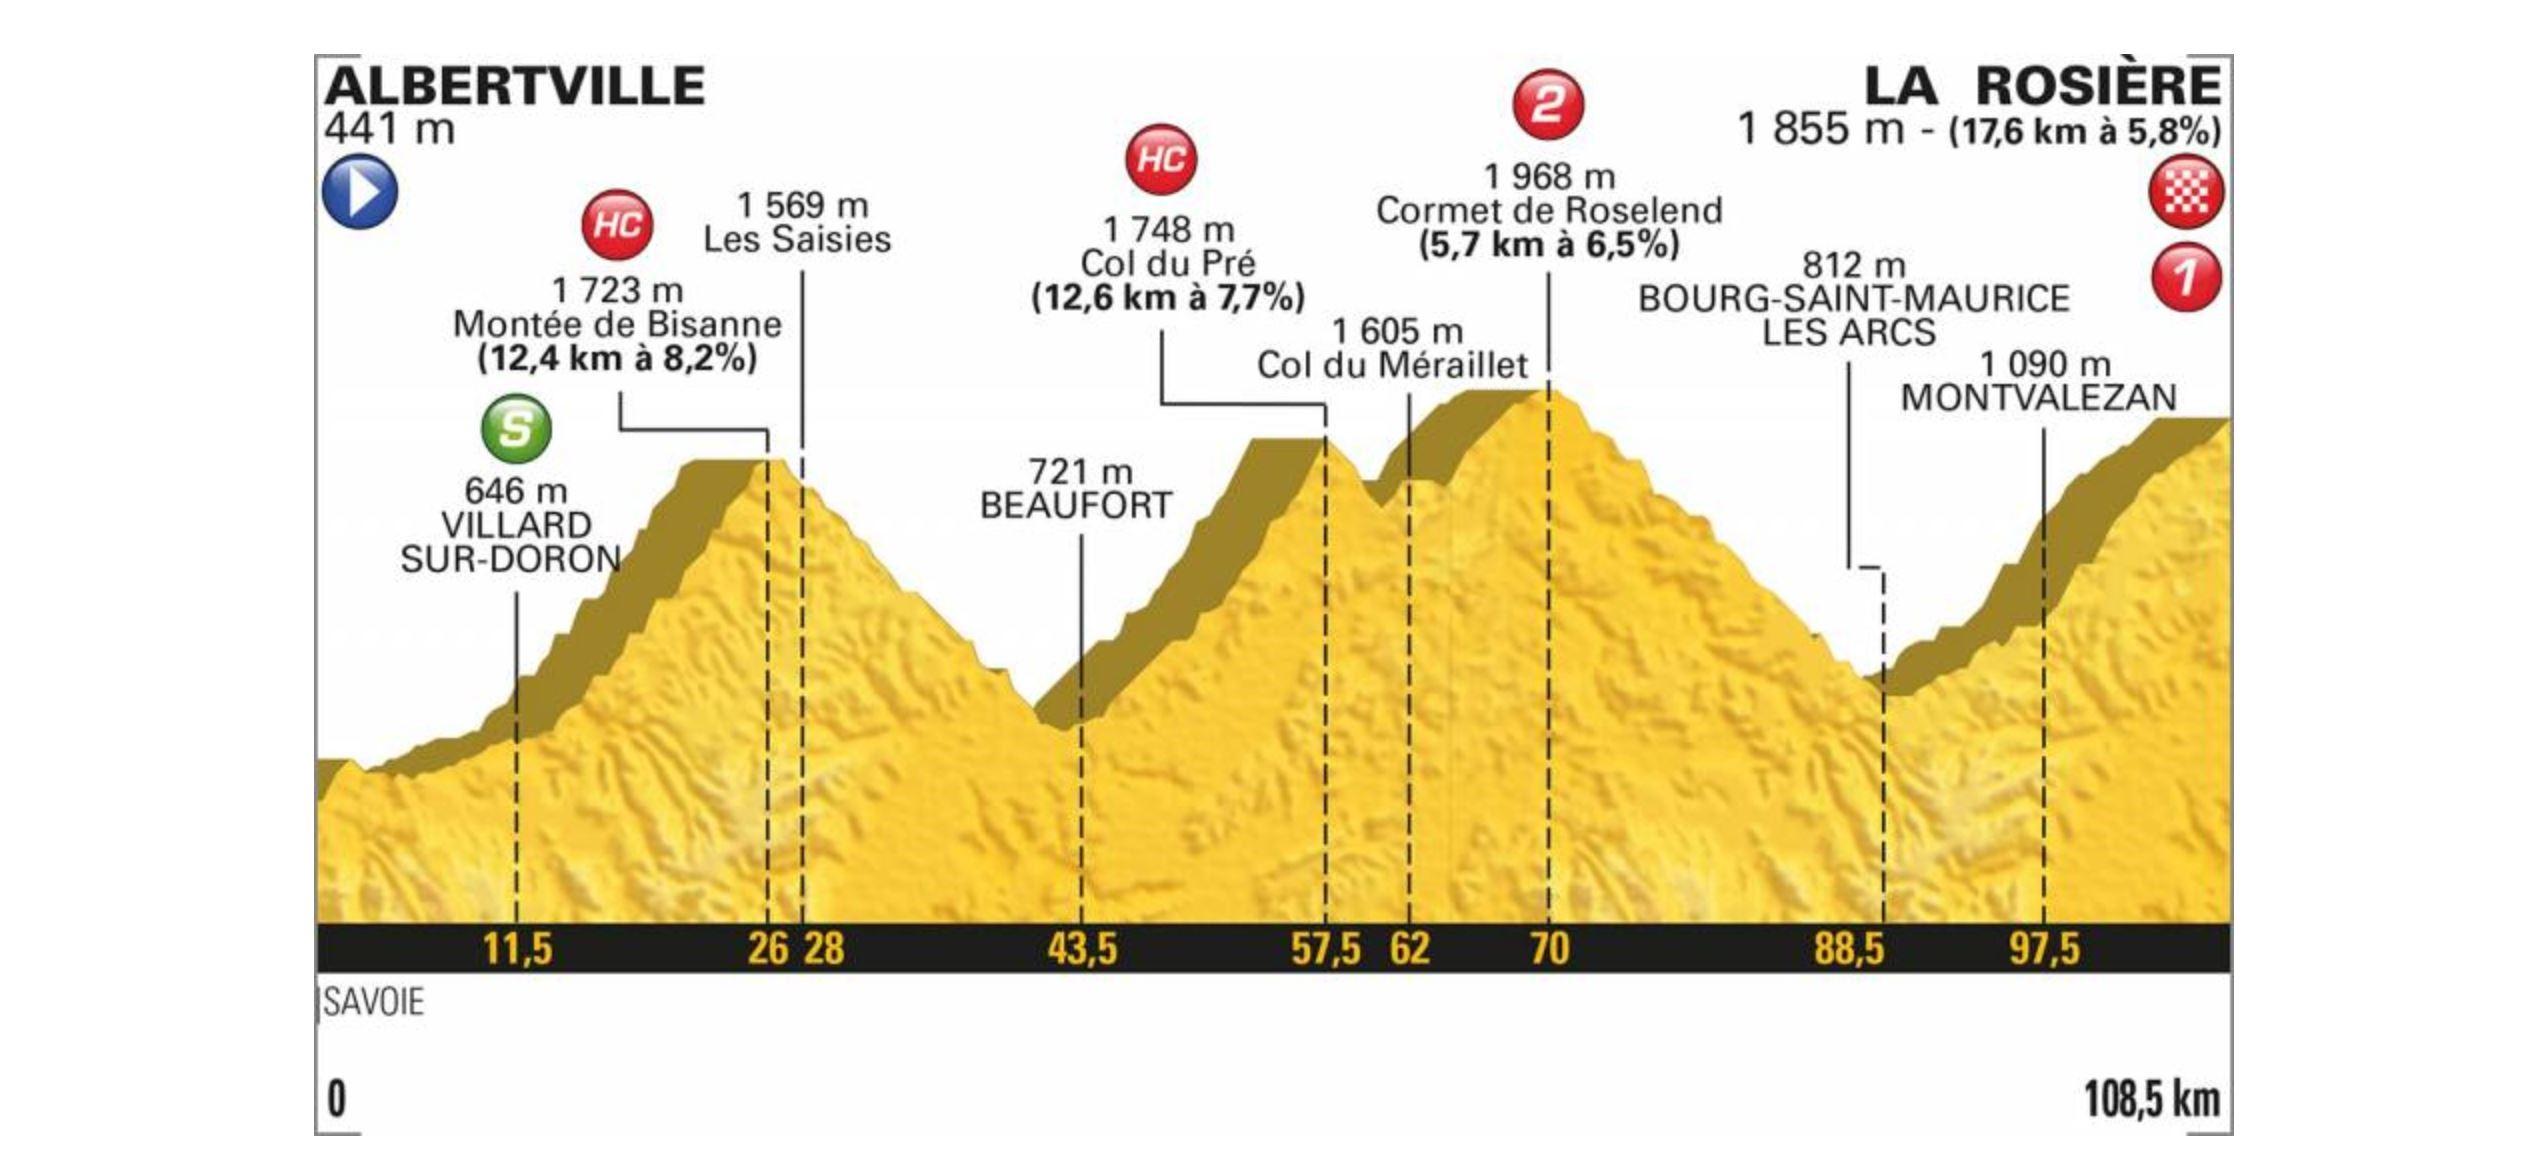 Tour de France 2018. Das Profil der 11. Etappe